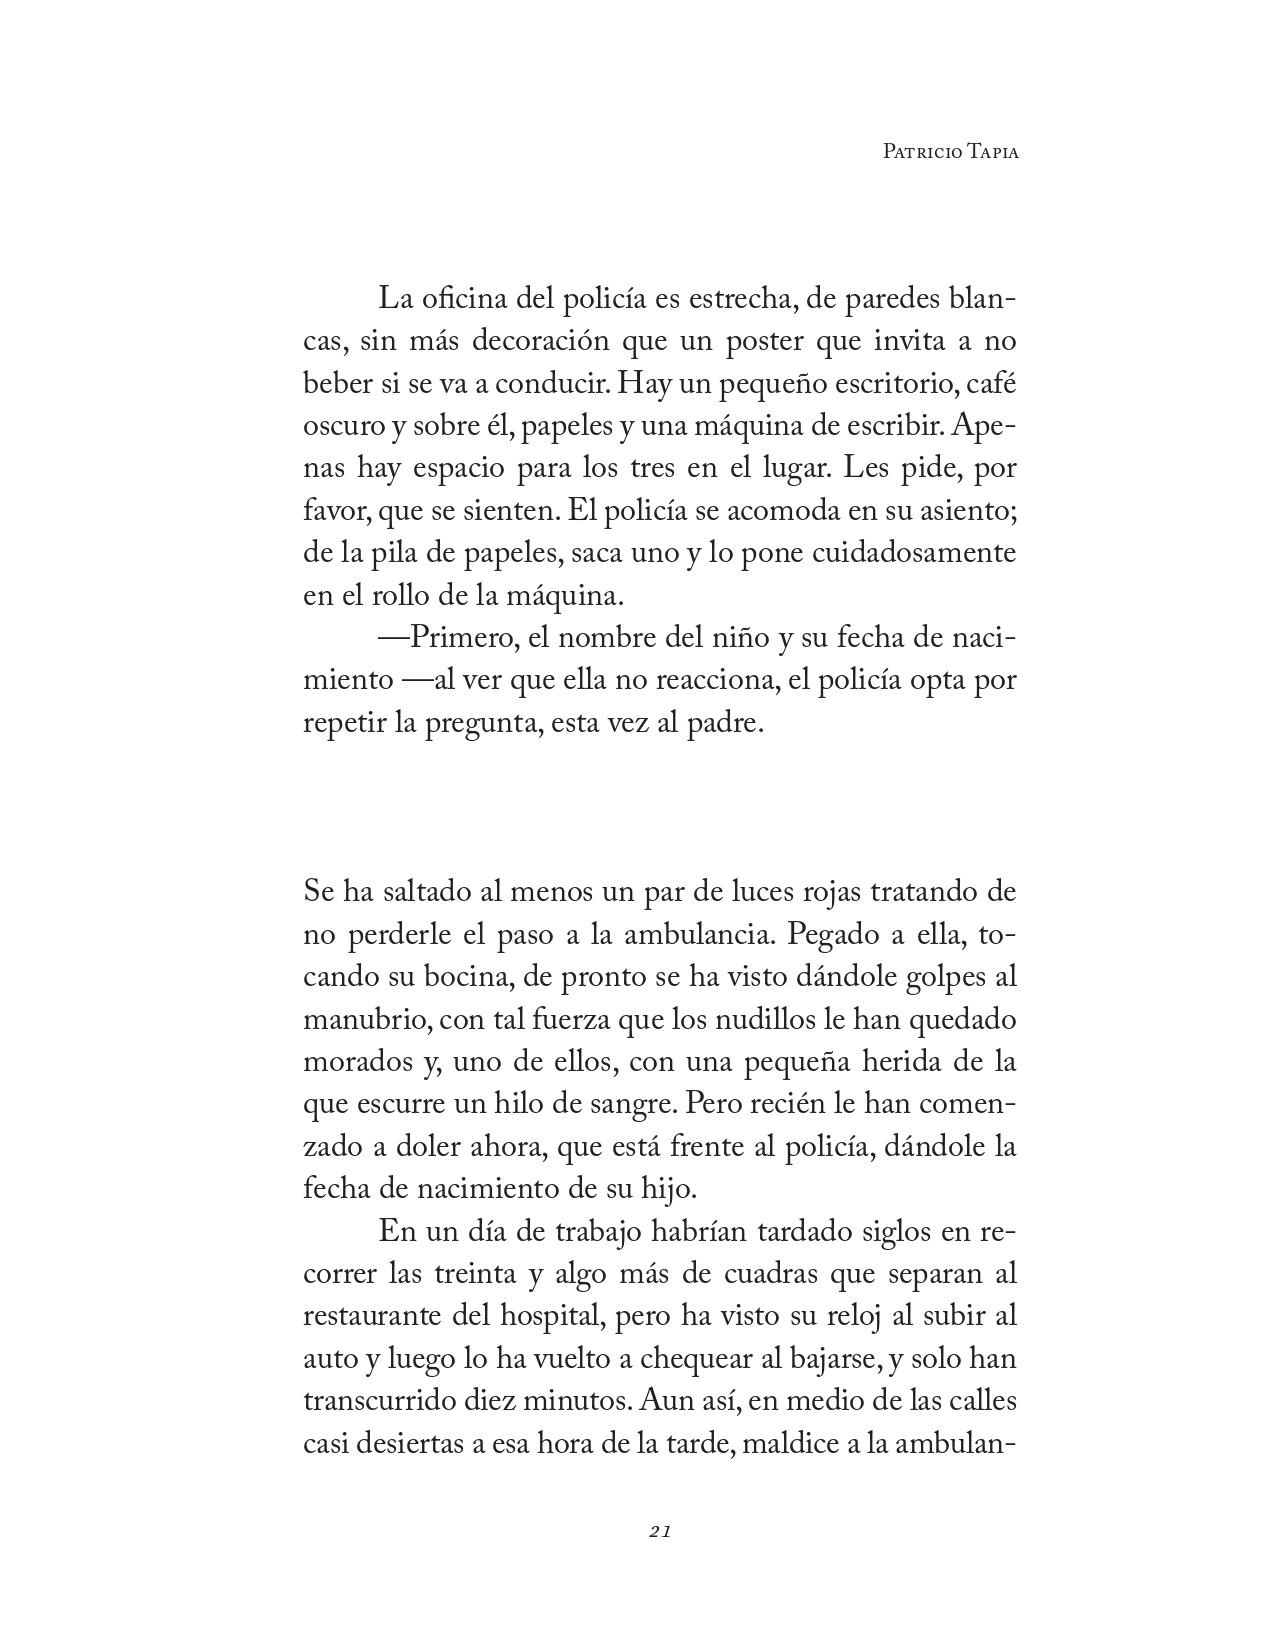 Adelanto_Hombres_Inofensivos_Patricio_Tapia_page-0018.jpg